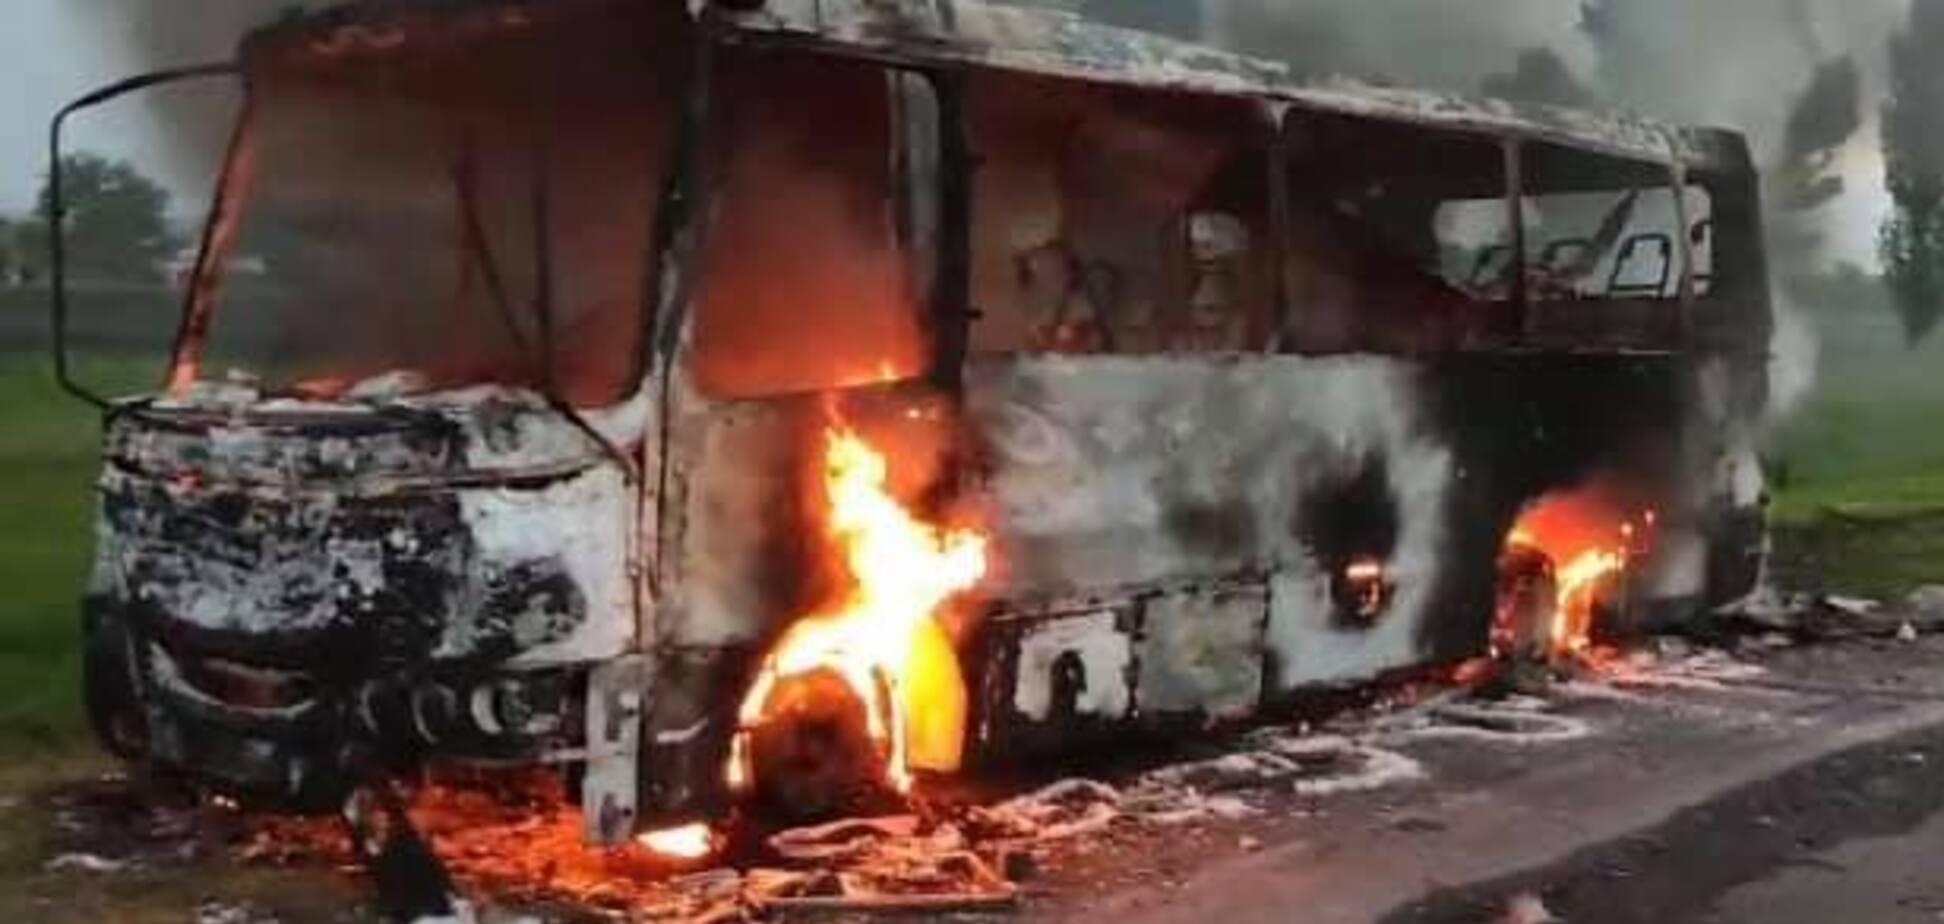 На Днепропетровщине на ходу сгорел пассажирский автобус. Фото